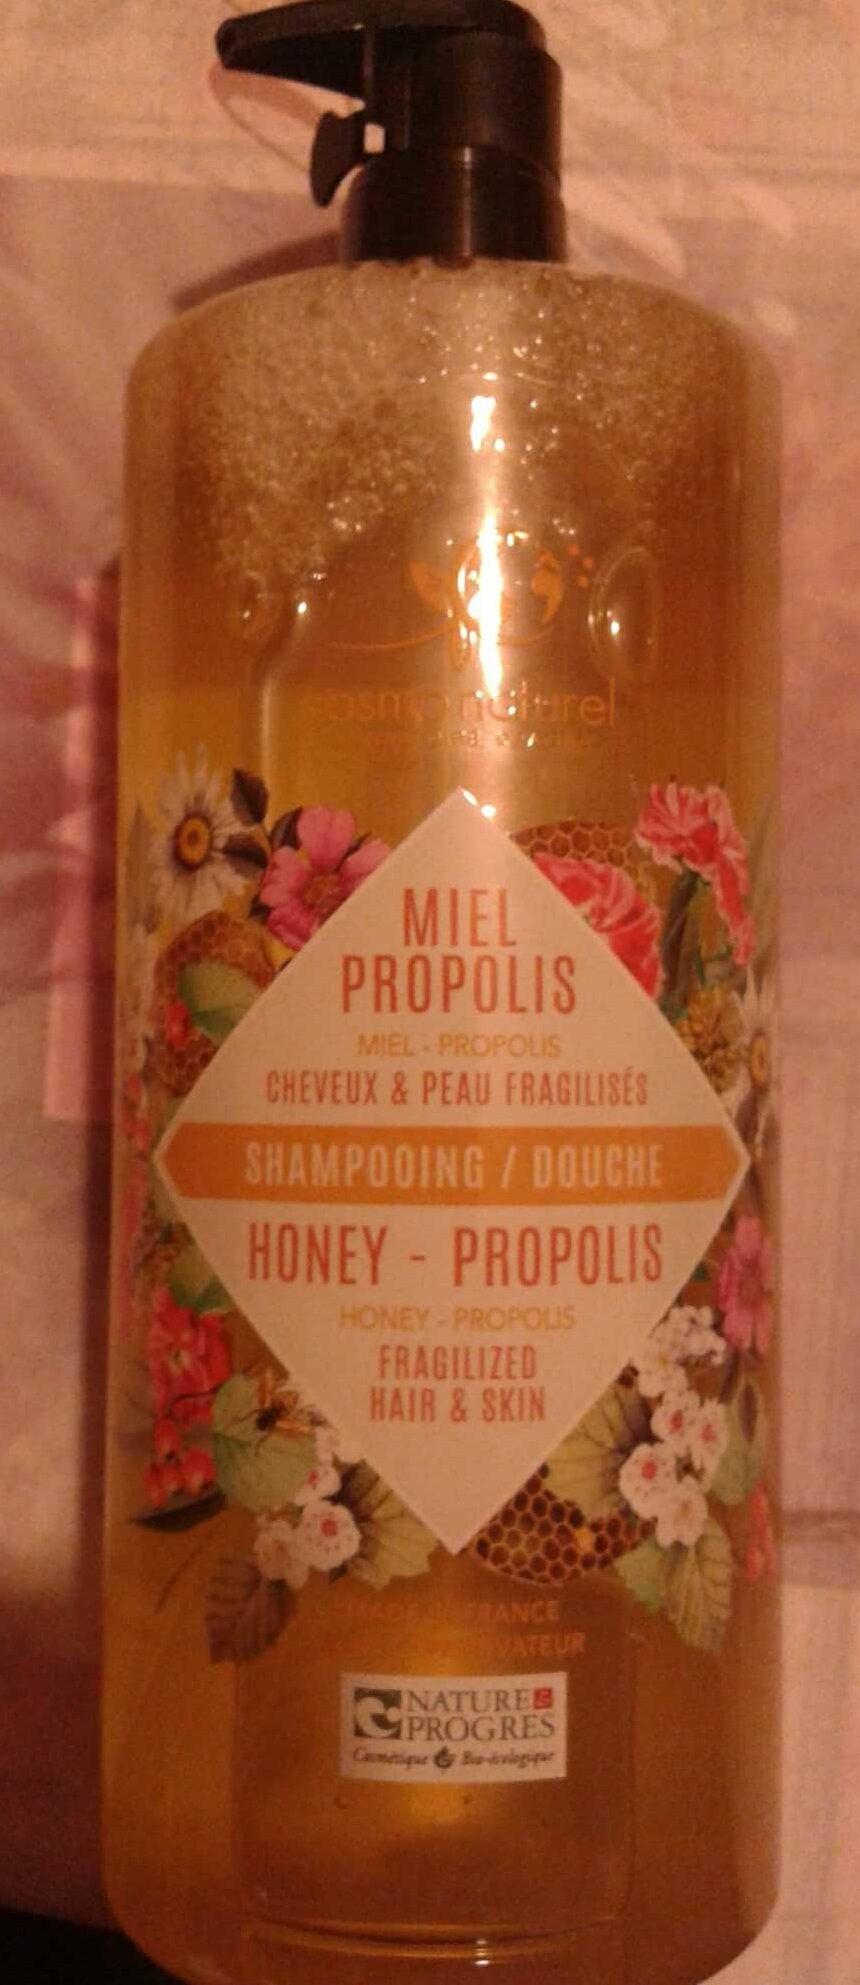 Shampooing Douche Miel Propolis - Produit - fr